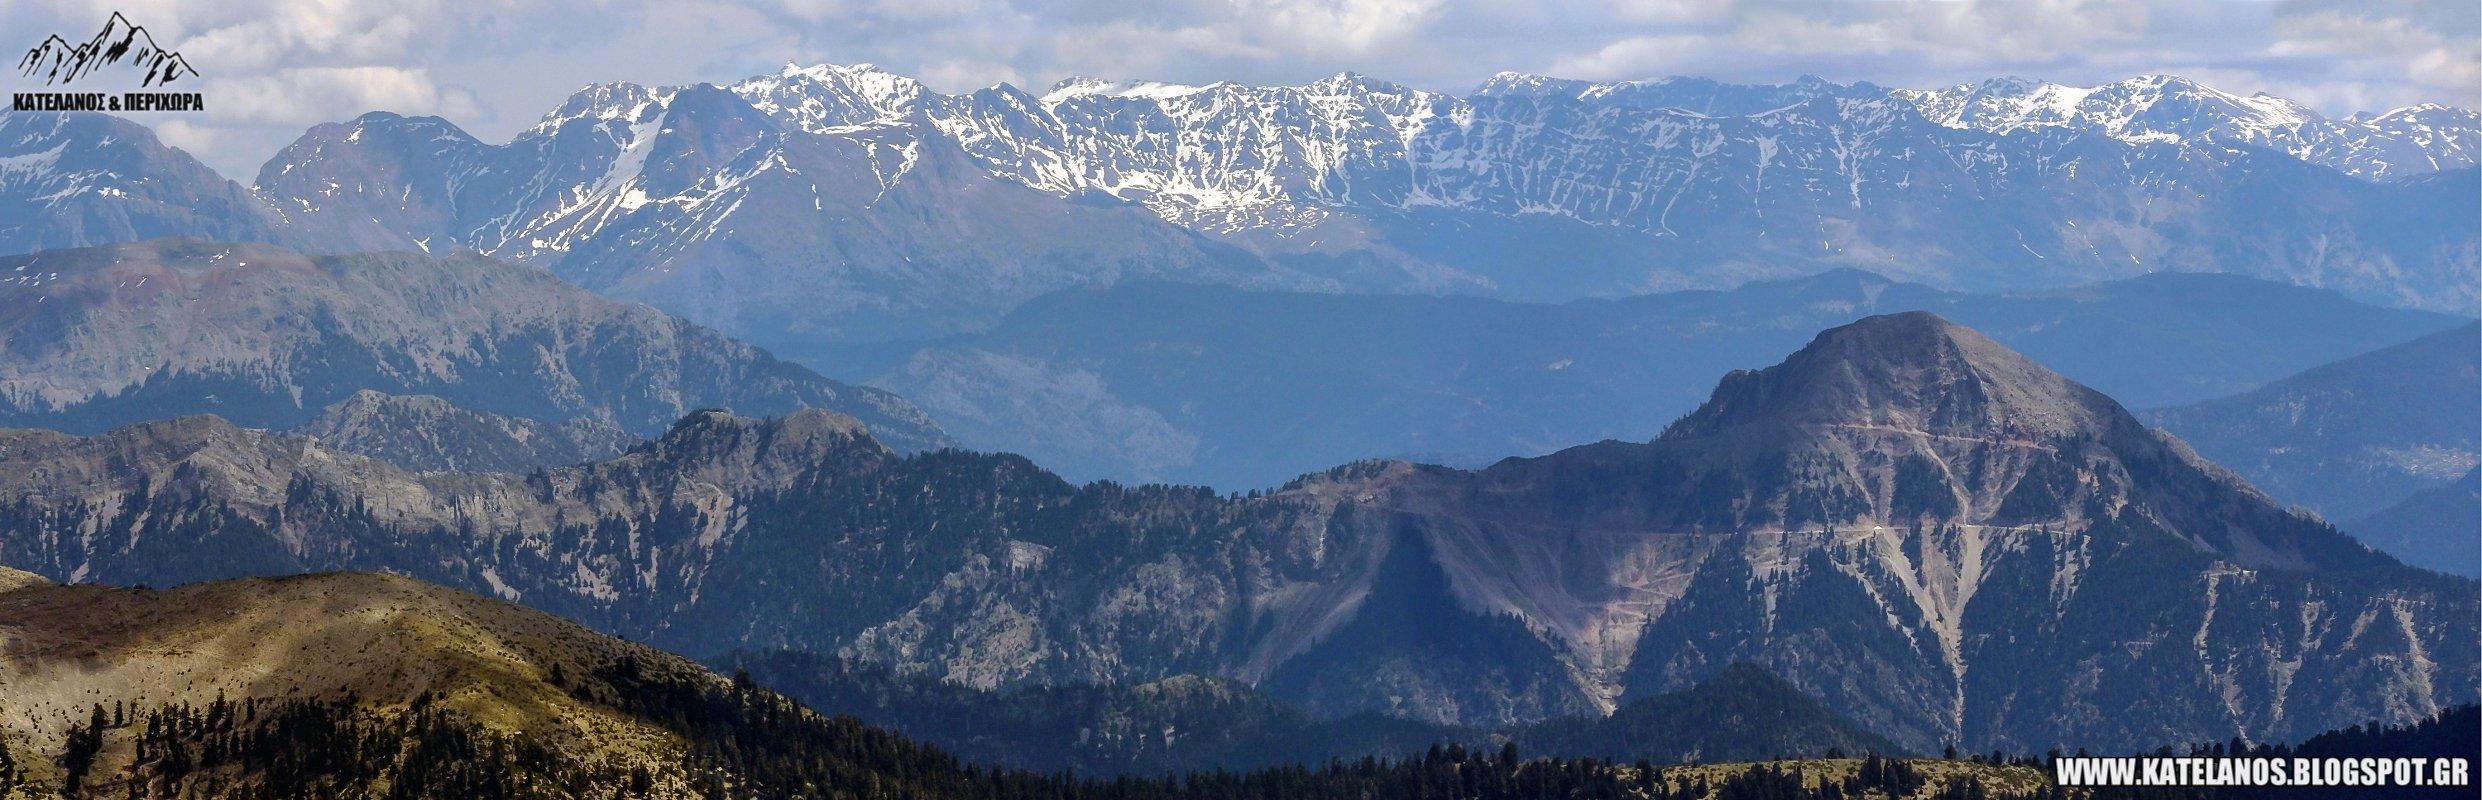 αννινος παναιτωλικου ορους βουνο